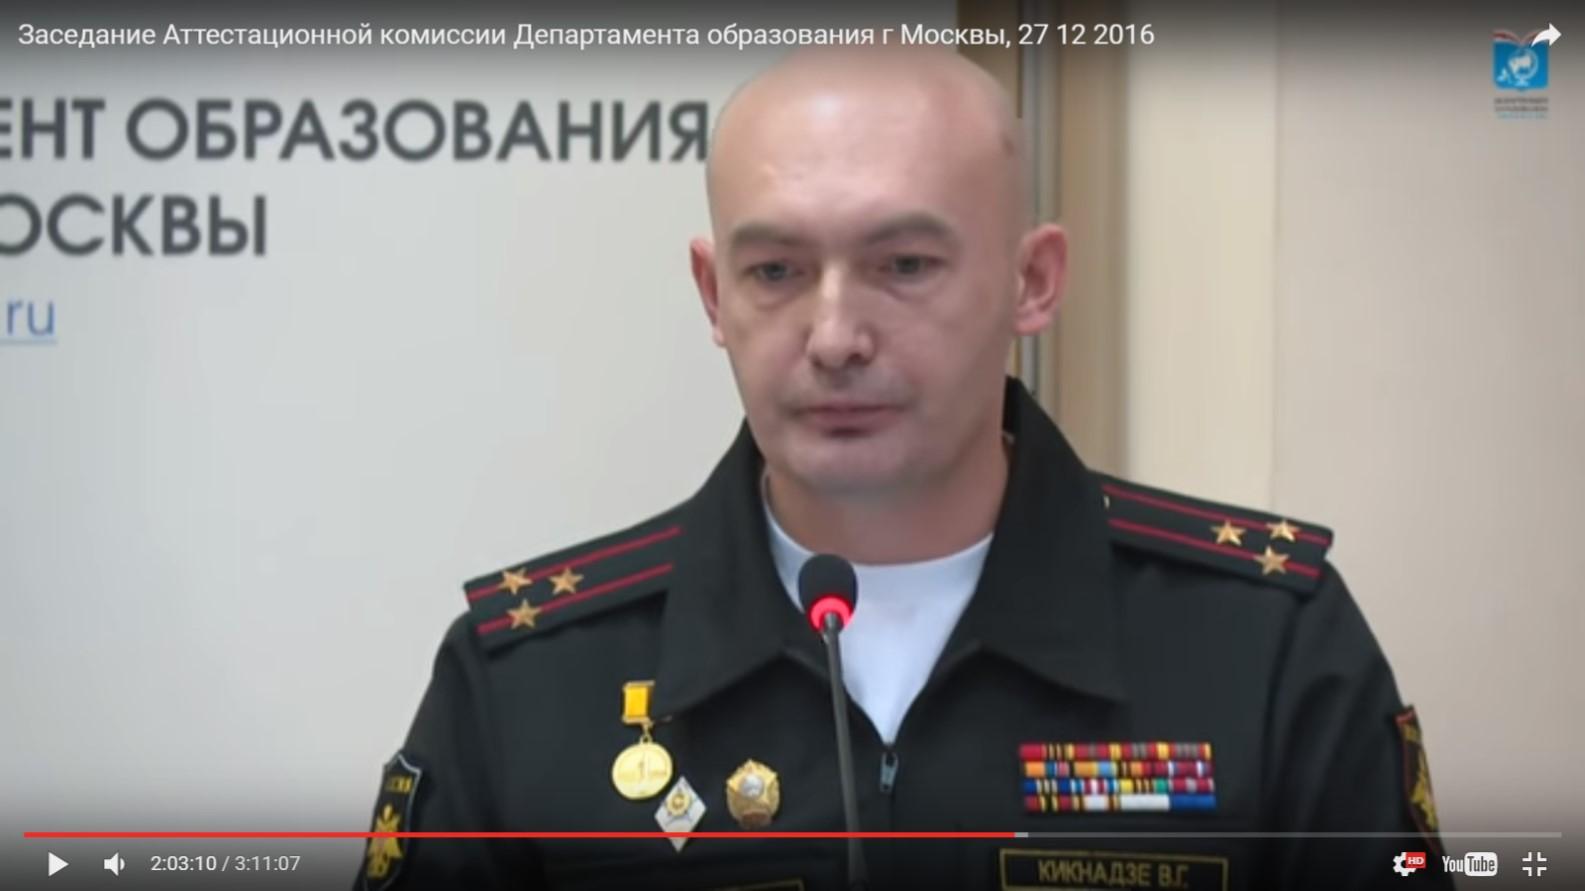 Заседание Аттестационной комиссии Департамента образования г. Москвы, 27 декабря 2016 г.